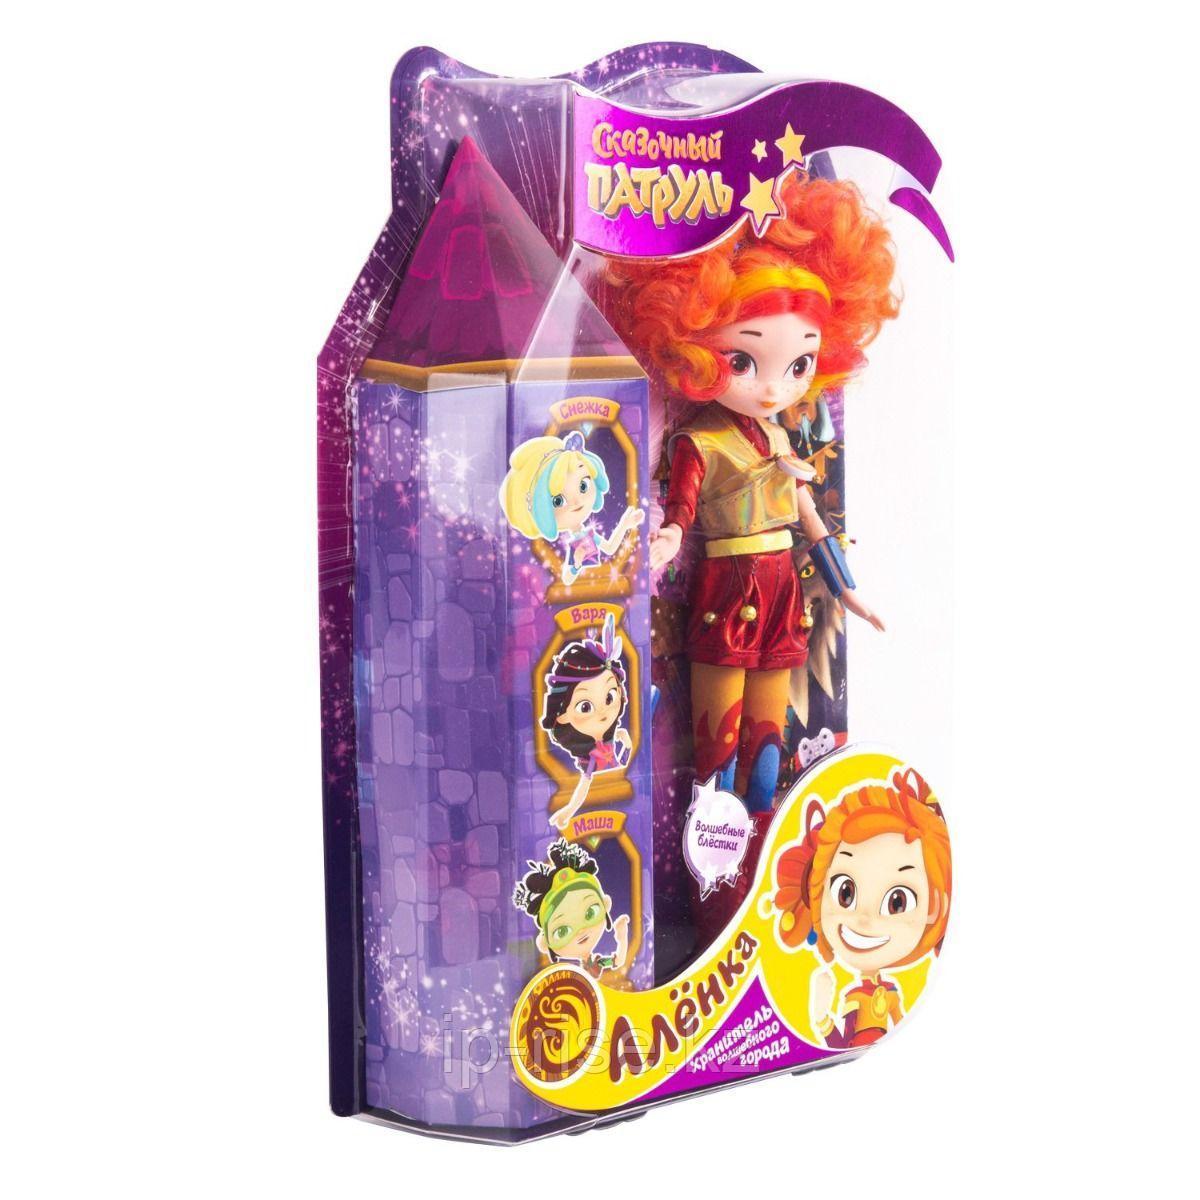 Сказочный патруль: Кукла Аленка, серия Magic New - фото 5